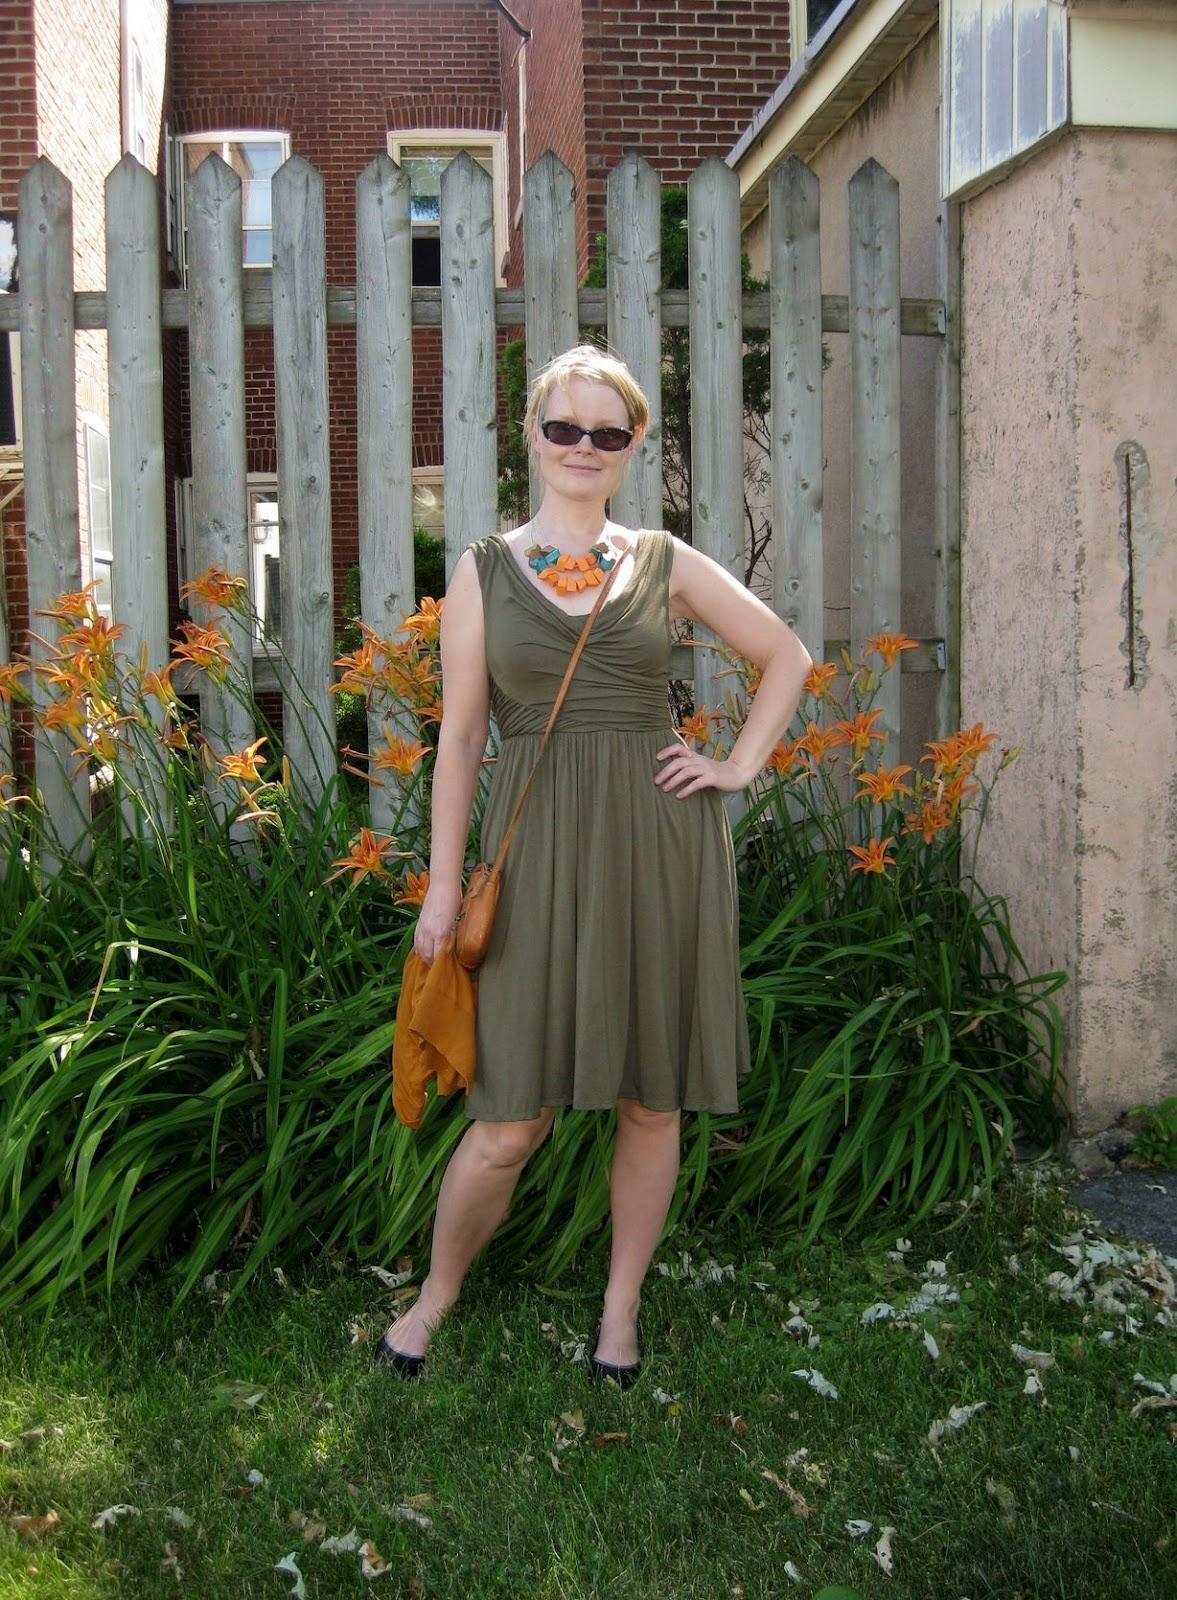 http://3.bp.blogspot.com/-zRB3k01uNTI/T_pRDWWWoqI/AAAAAAAAB_E/pNOtqboveKA/s1600/tigerlily.jpg